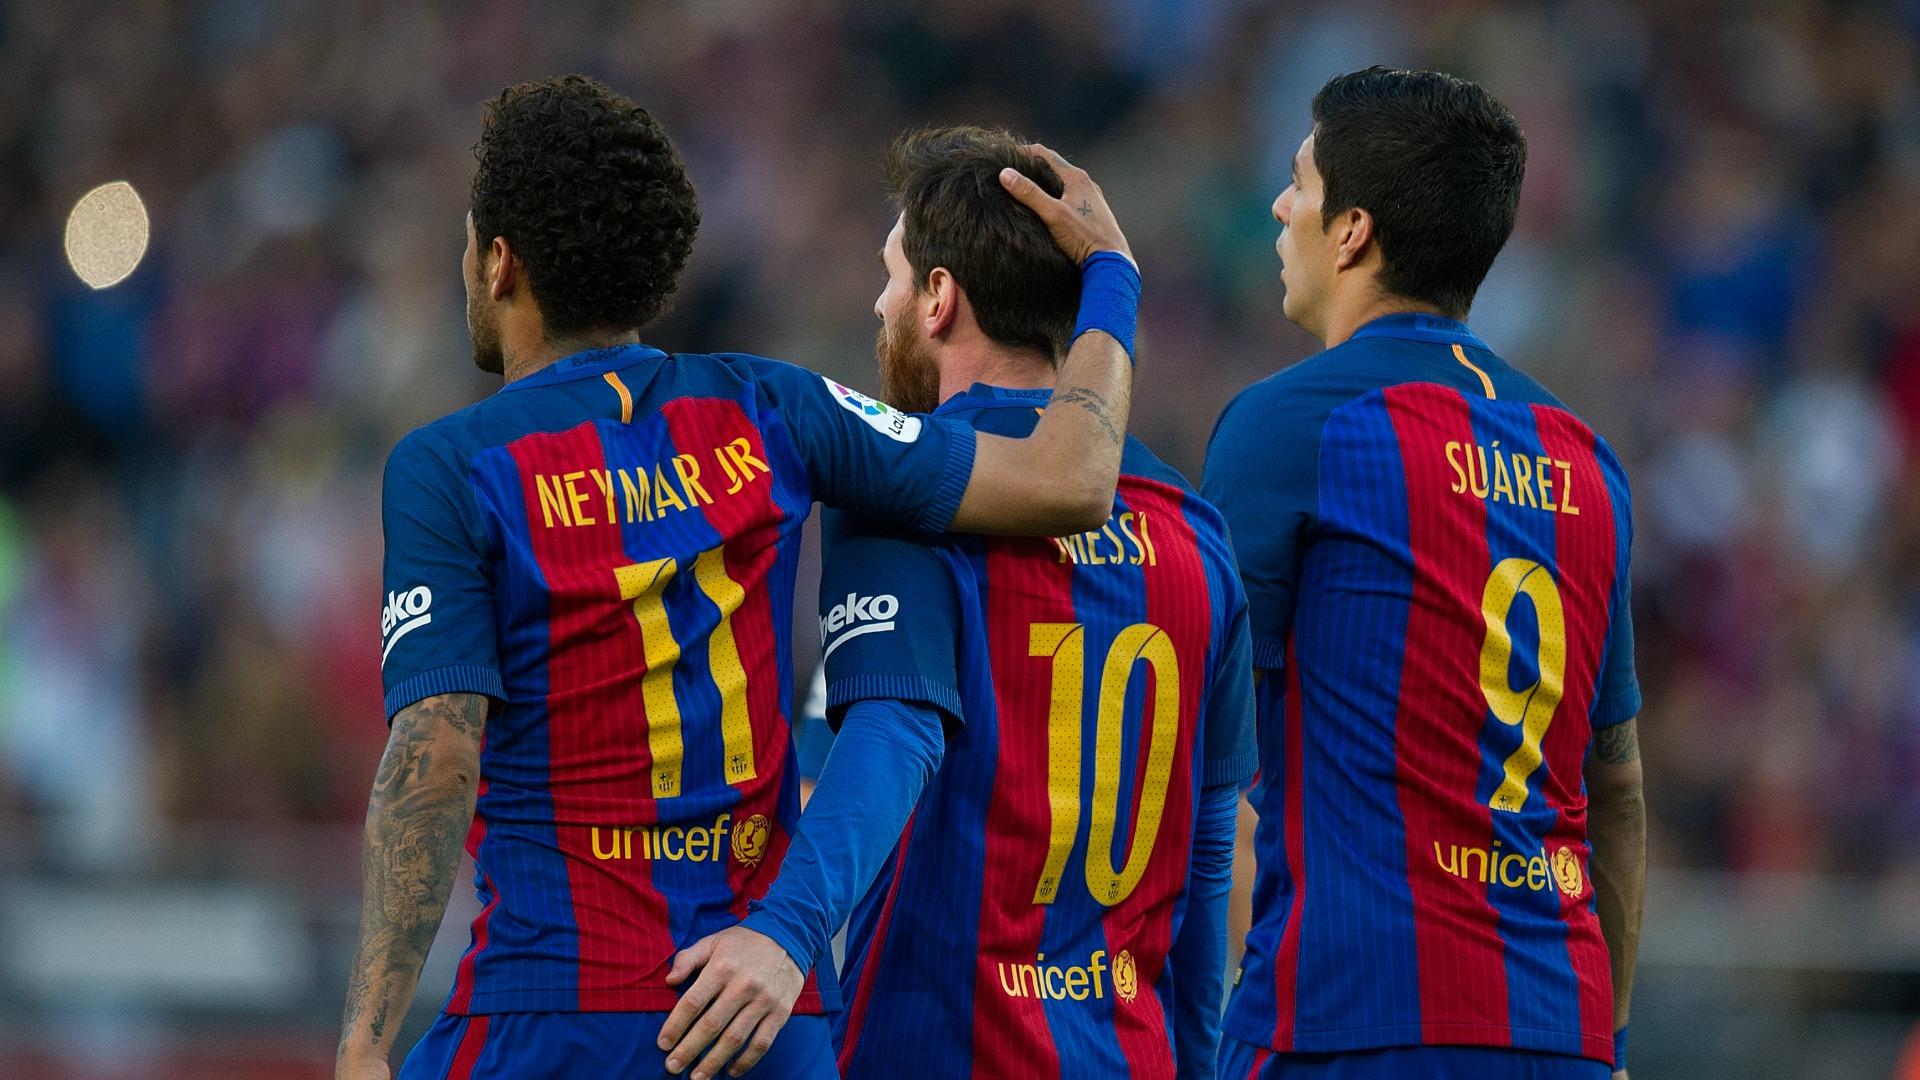 Mercato - PSG : le Barça offre 100 M¬ + Coutinho pour Neymar